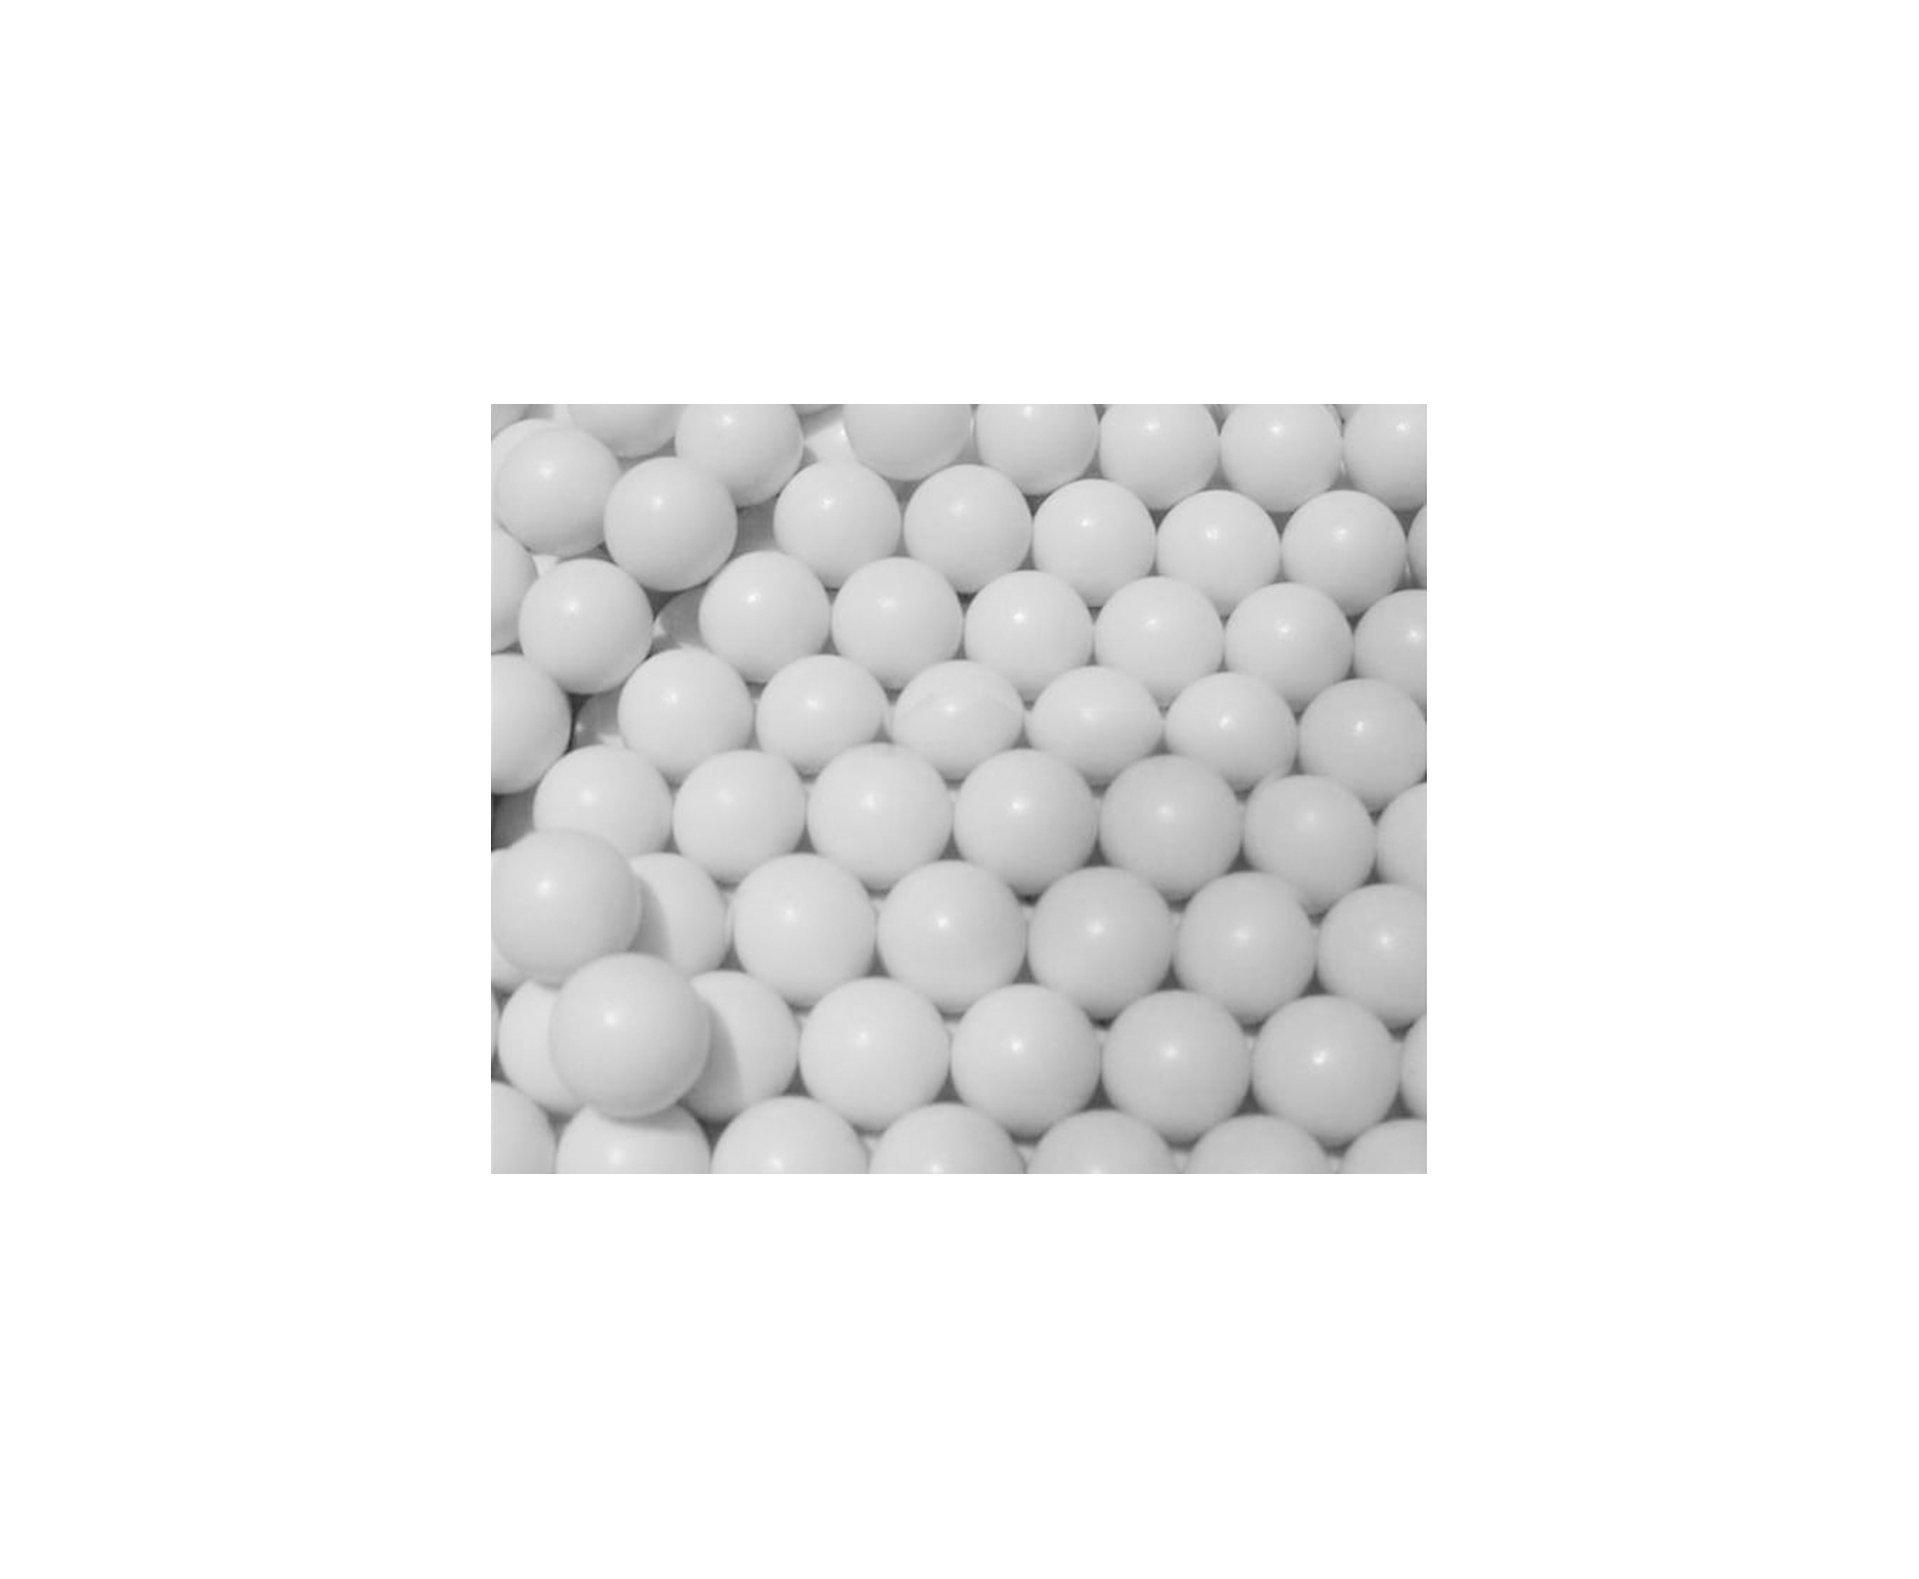 Esfera Plástica Bb 0,20 Branca - 5.000 Unid. - King Arms